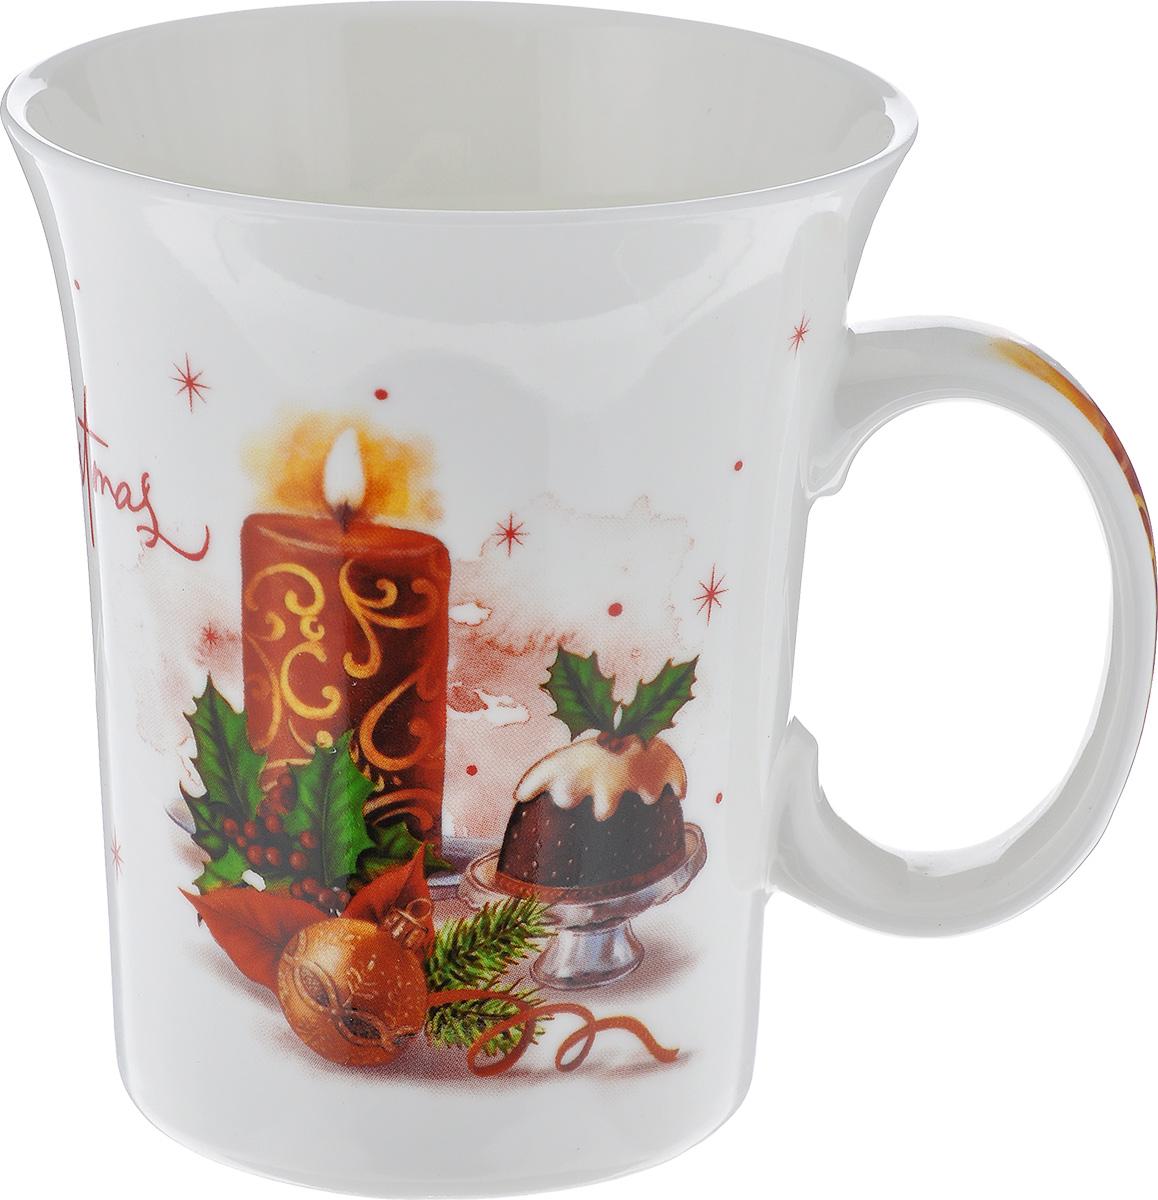 Кружка Lillo Свеча, цвет: красный, белый, коричневый, 350 мл216041_свечаКружка новогодняя Lillo Свеча выполнена из высококачественной керамики и оформлена красочными изображениями в новогодней тематике и надписью. Такая кружка сделает чаепитие еще приятнее и позволит почувствовать волшебство новогодних праздников. Может послужить приятным и практичным сувениром. Диаметр чашки по верхнему краю: 8 см. Высота чашки: 10 см. Объем чашки: 350 мл.